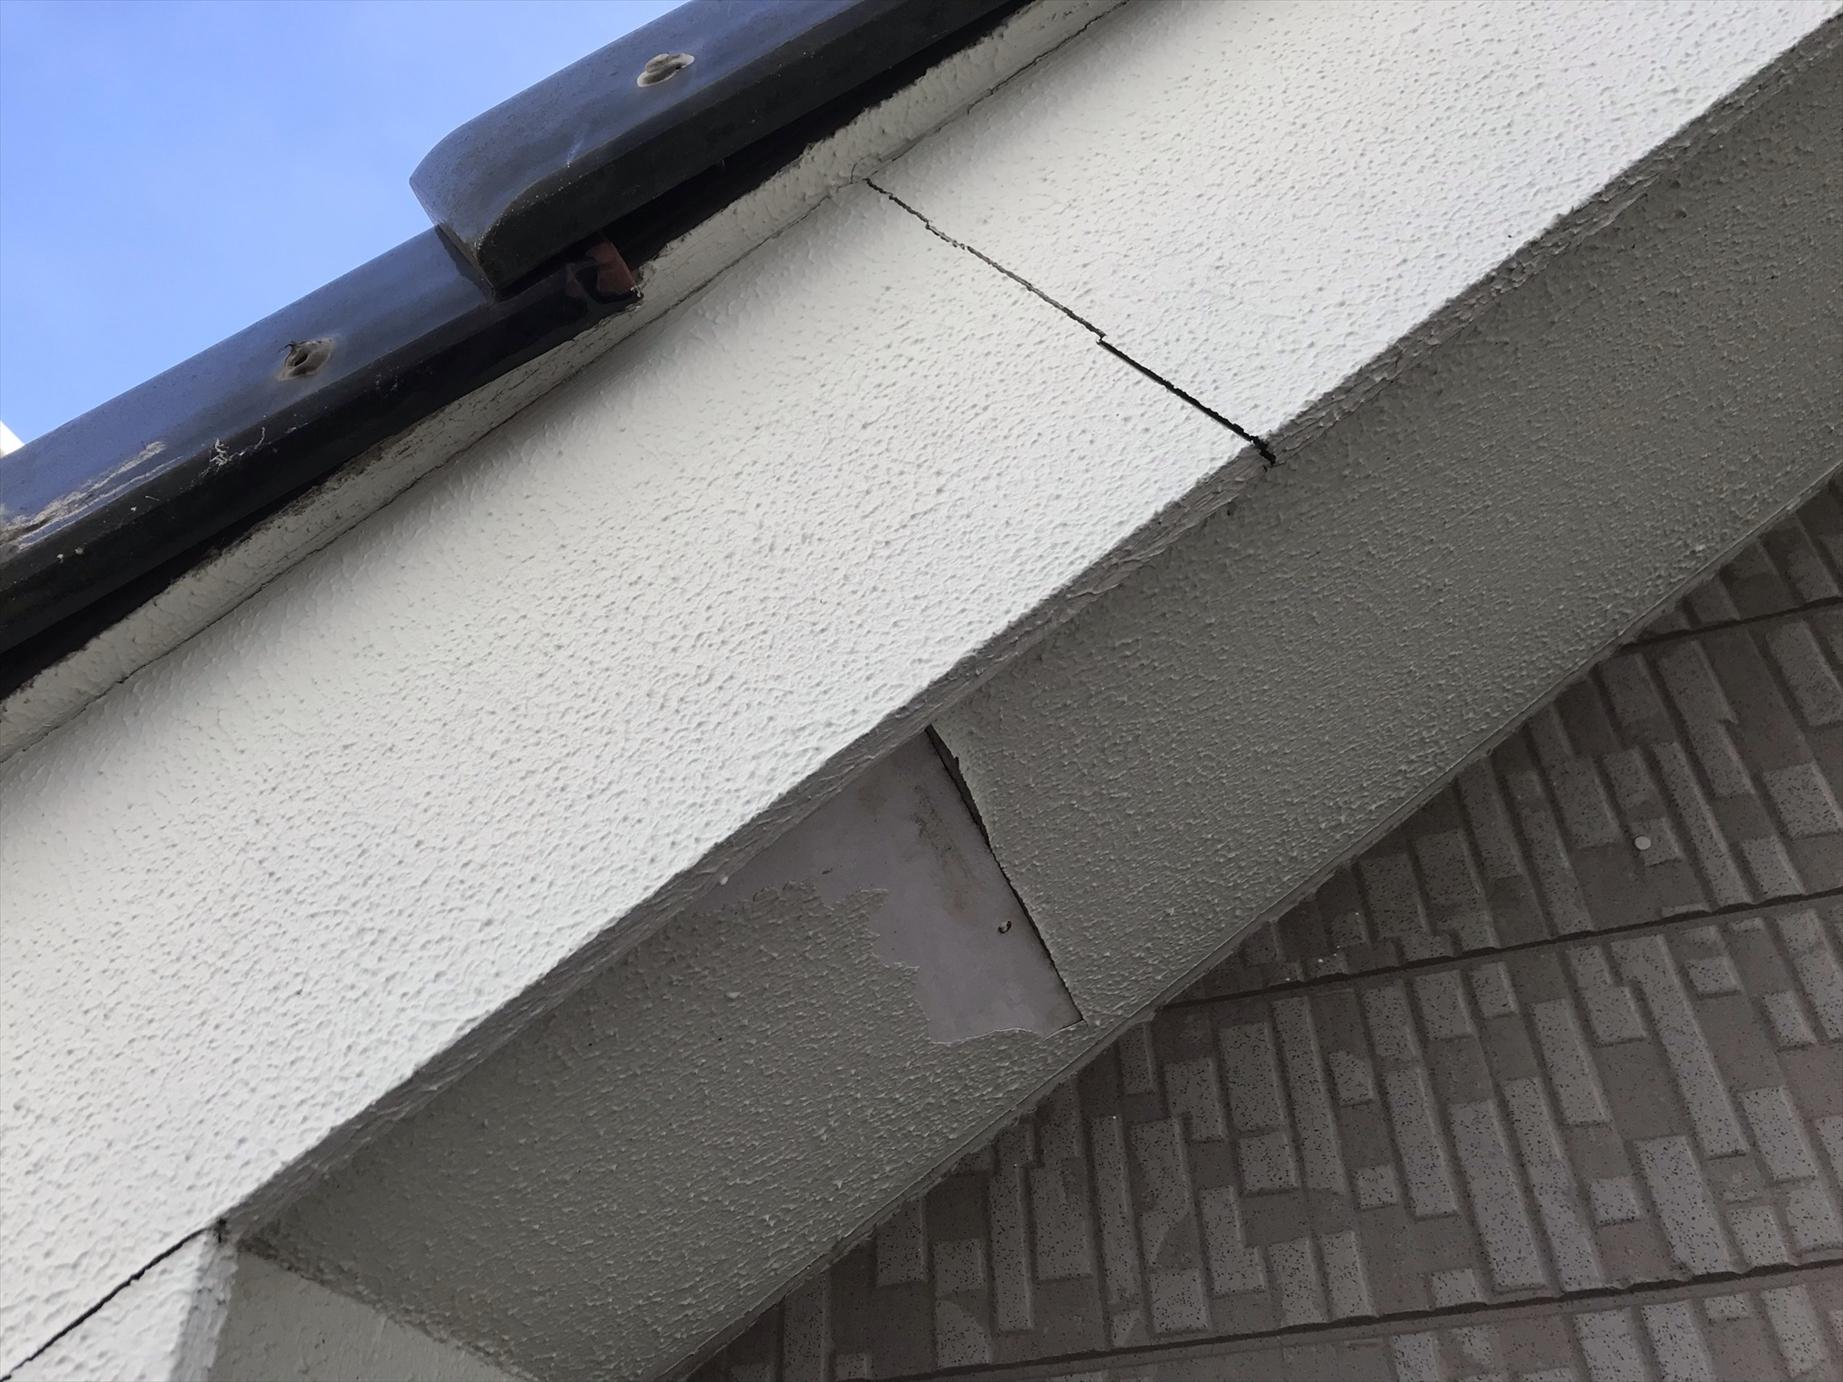 上尾市原市の外壁塗装無料点検時に破風板劣化不良個所アップ